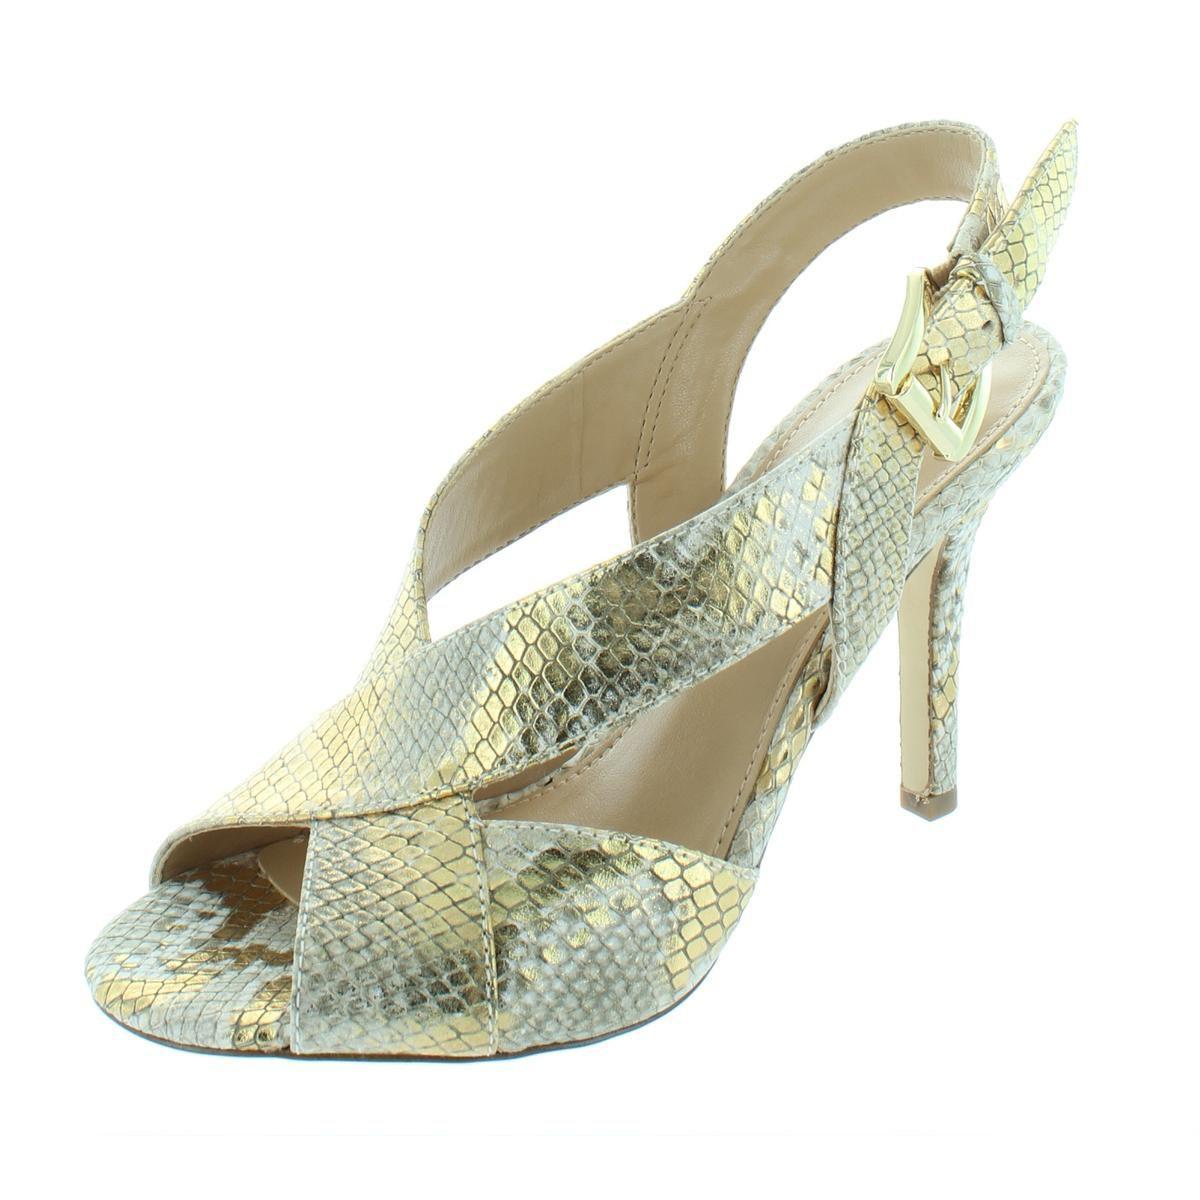 28215cb96d3 MICHAEL Michael Kors. Yellow Womens Becky Leather Metallic Dress Sandals